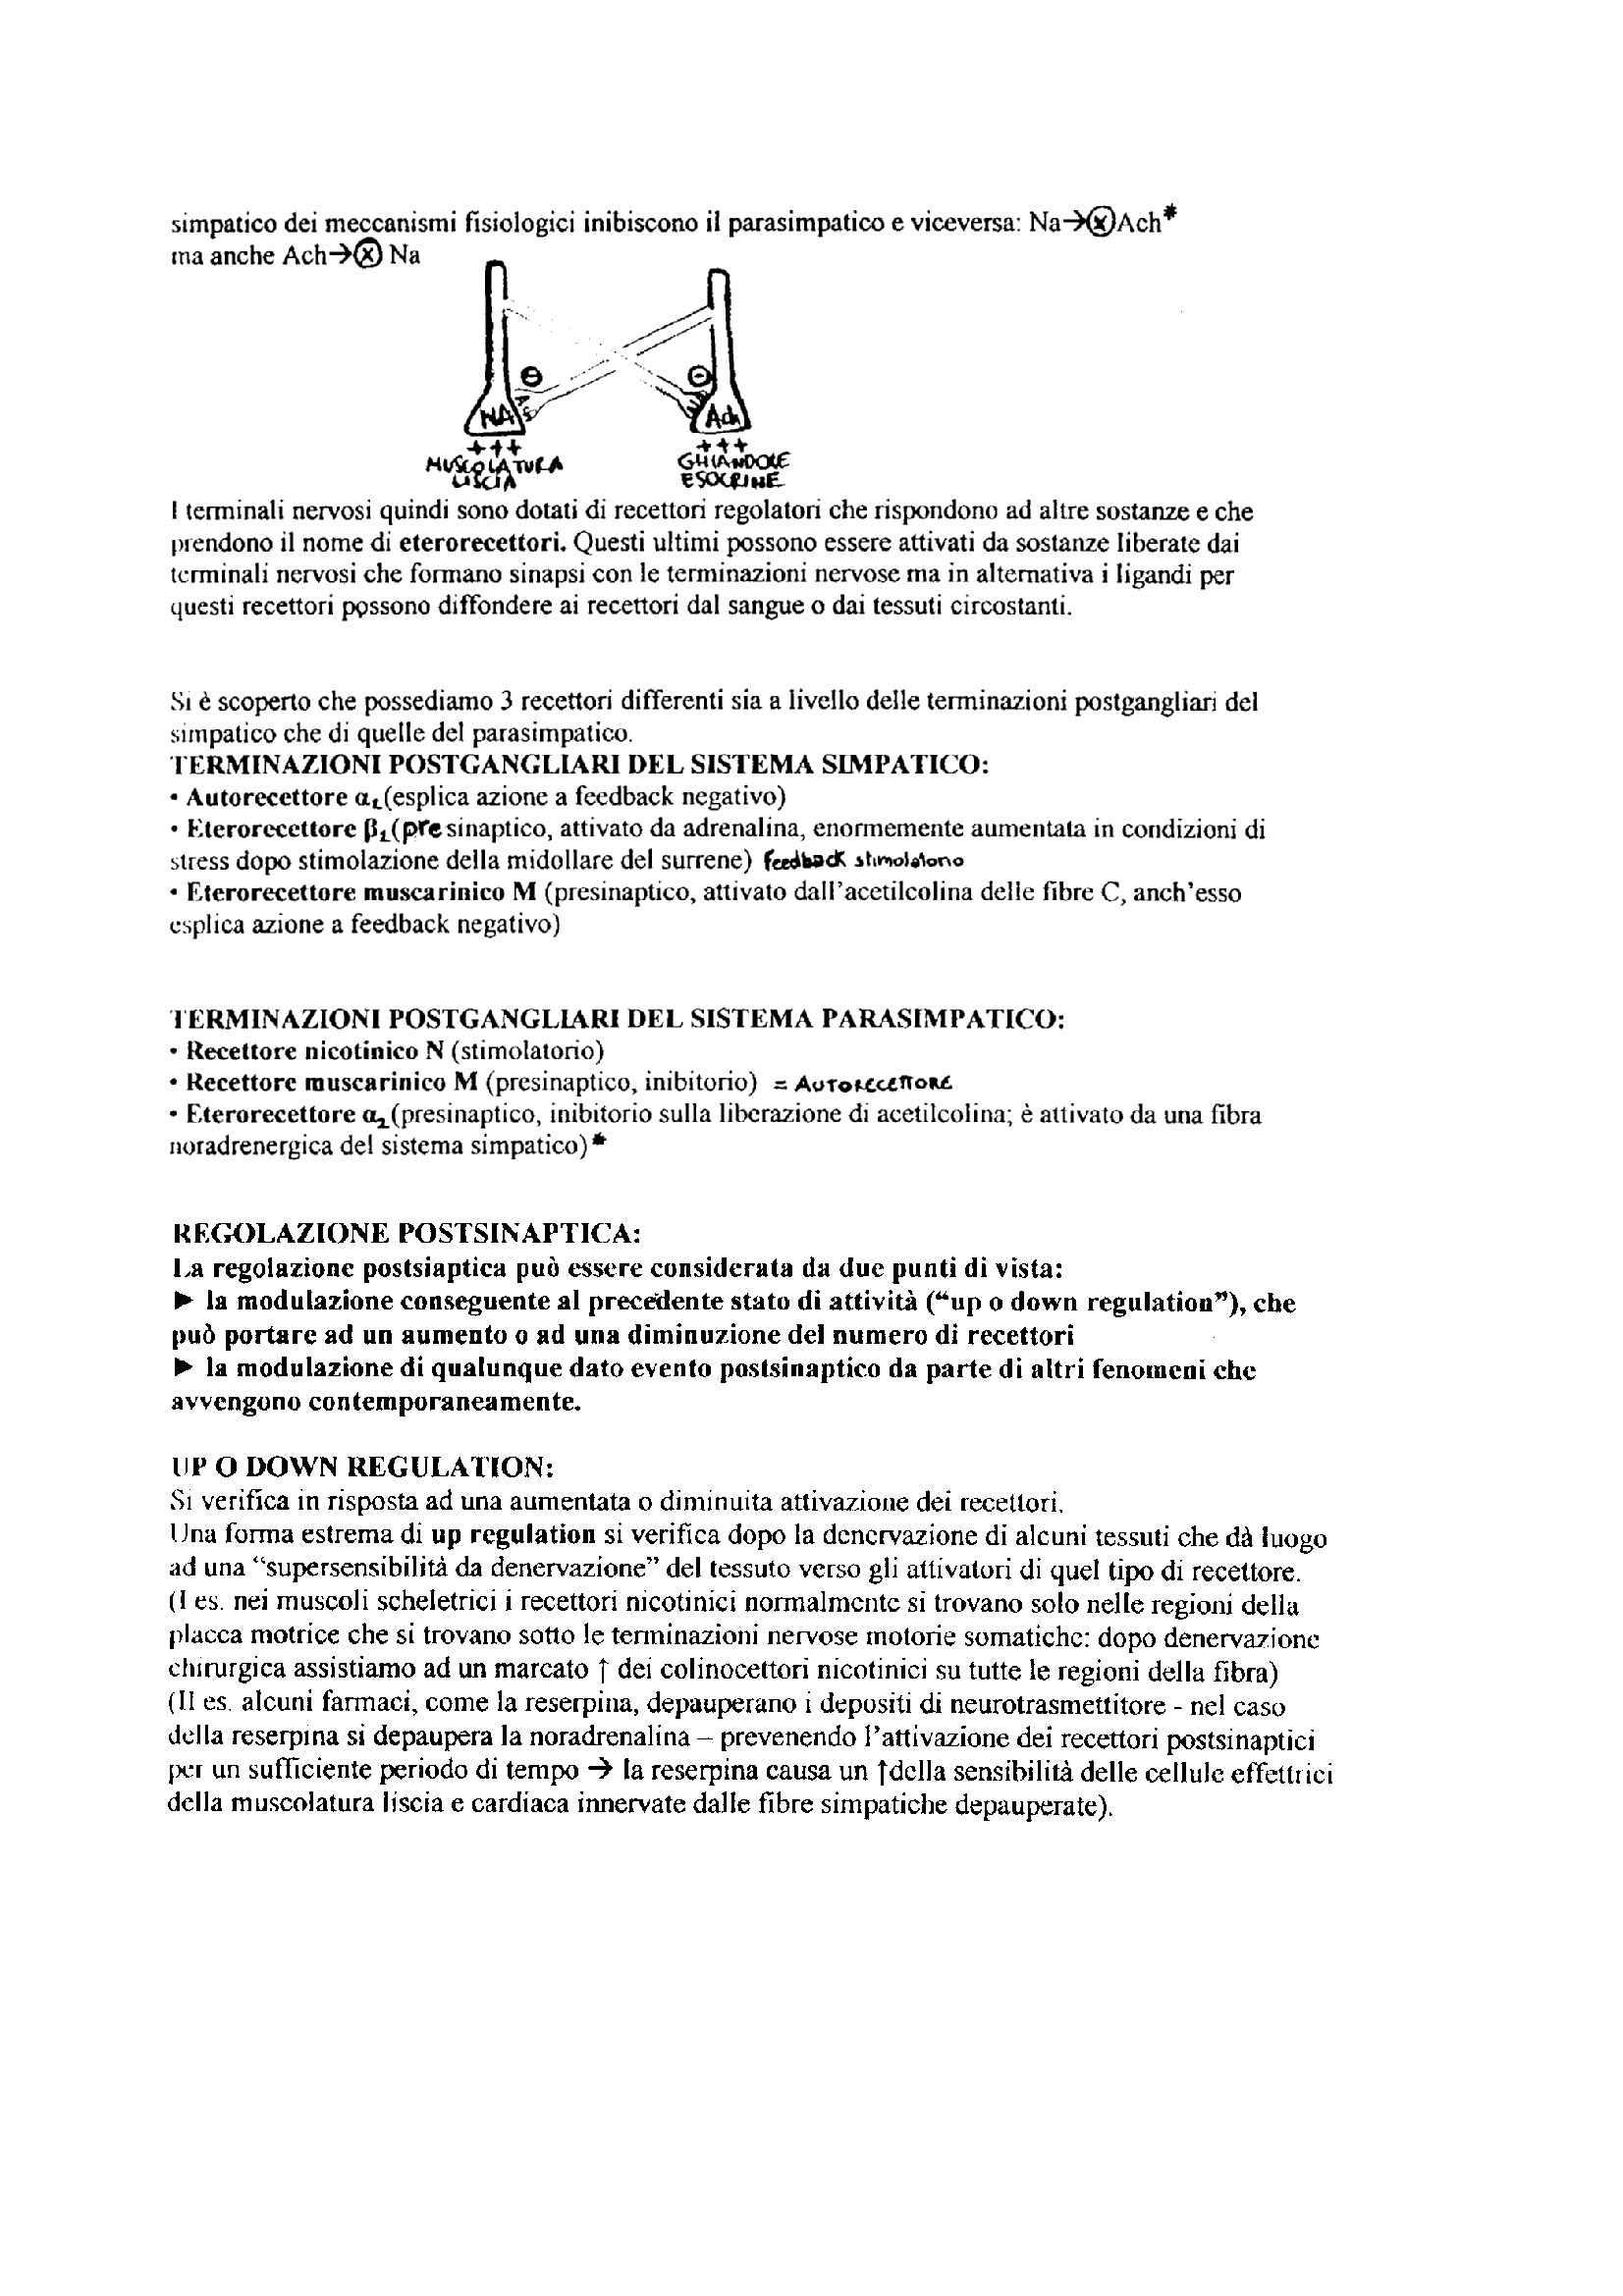 Farmacologia e tossicologia - schema sul sistema nervoso autonomo Pag. 6